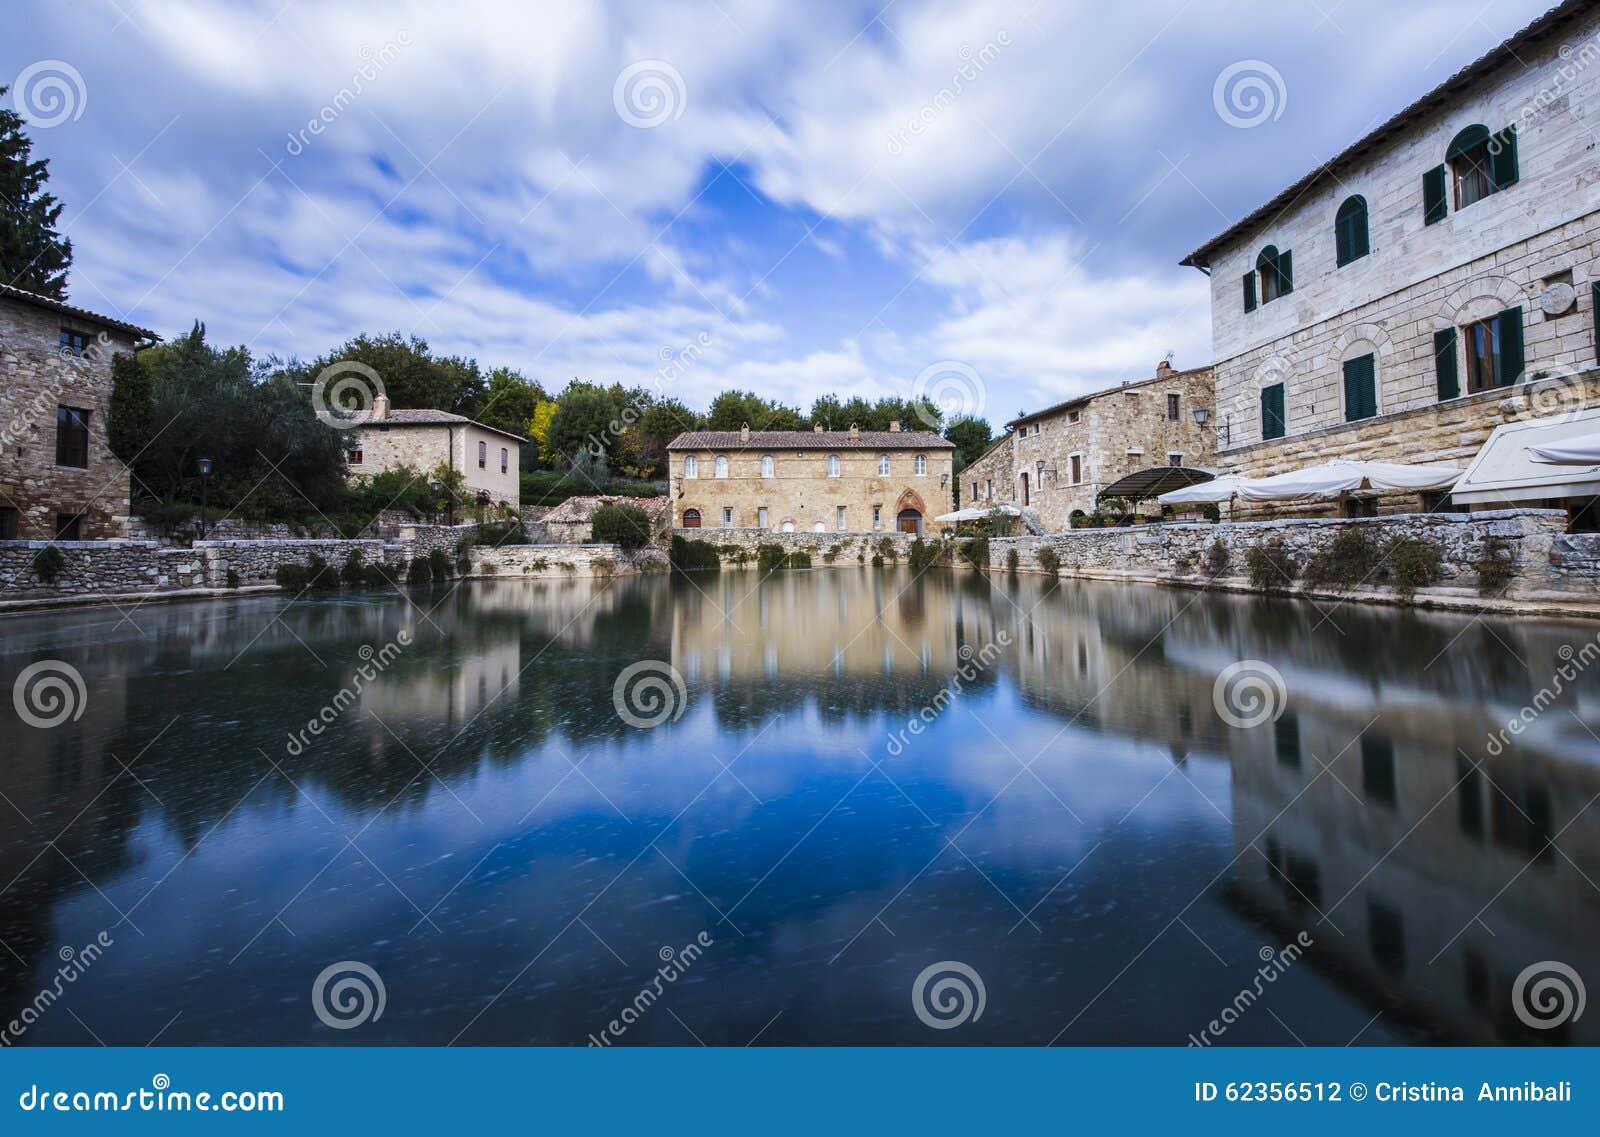 Bagno Vignoni,Italy Stock Photo - Image: 62356512